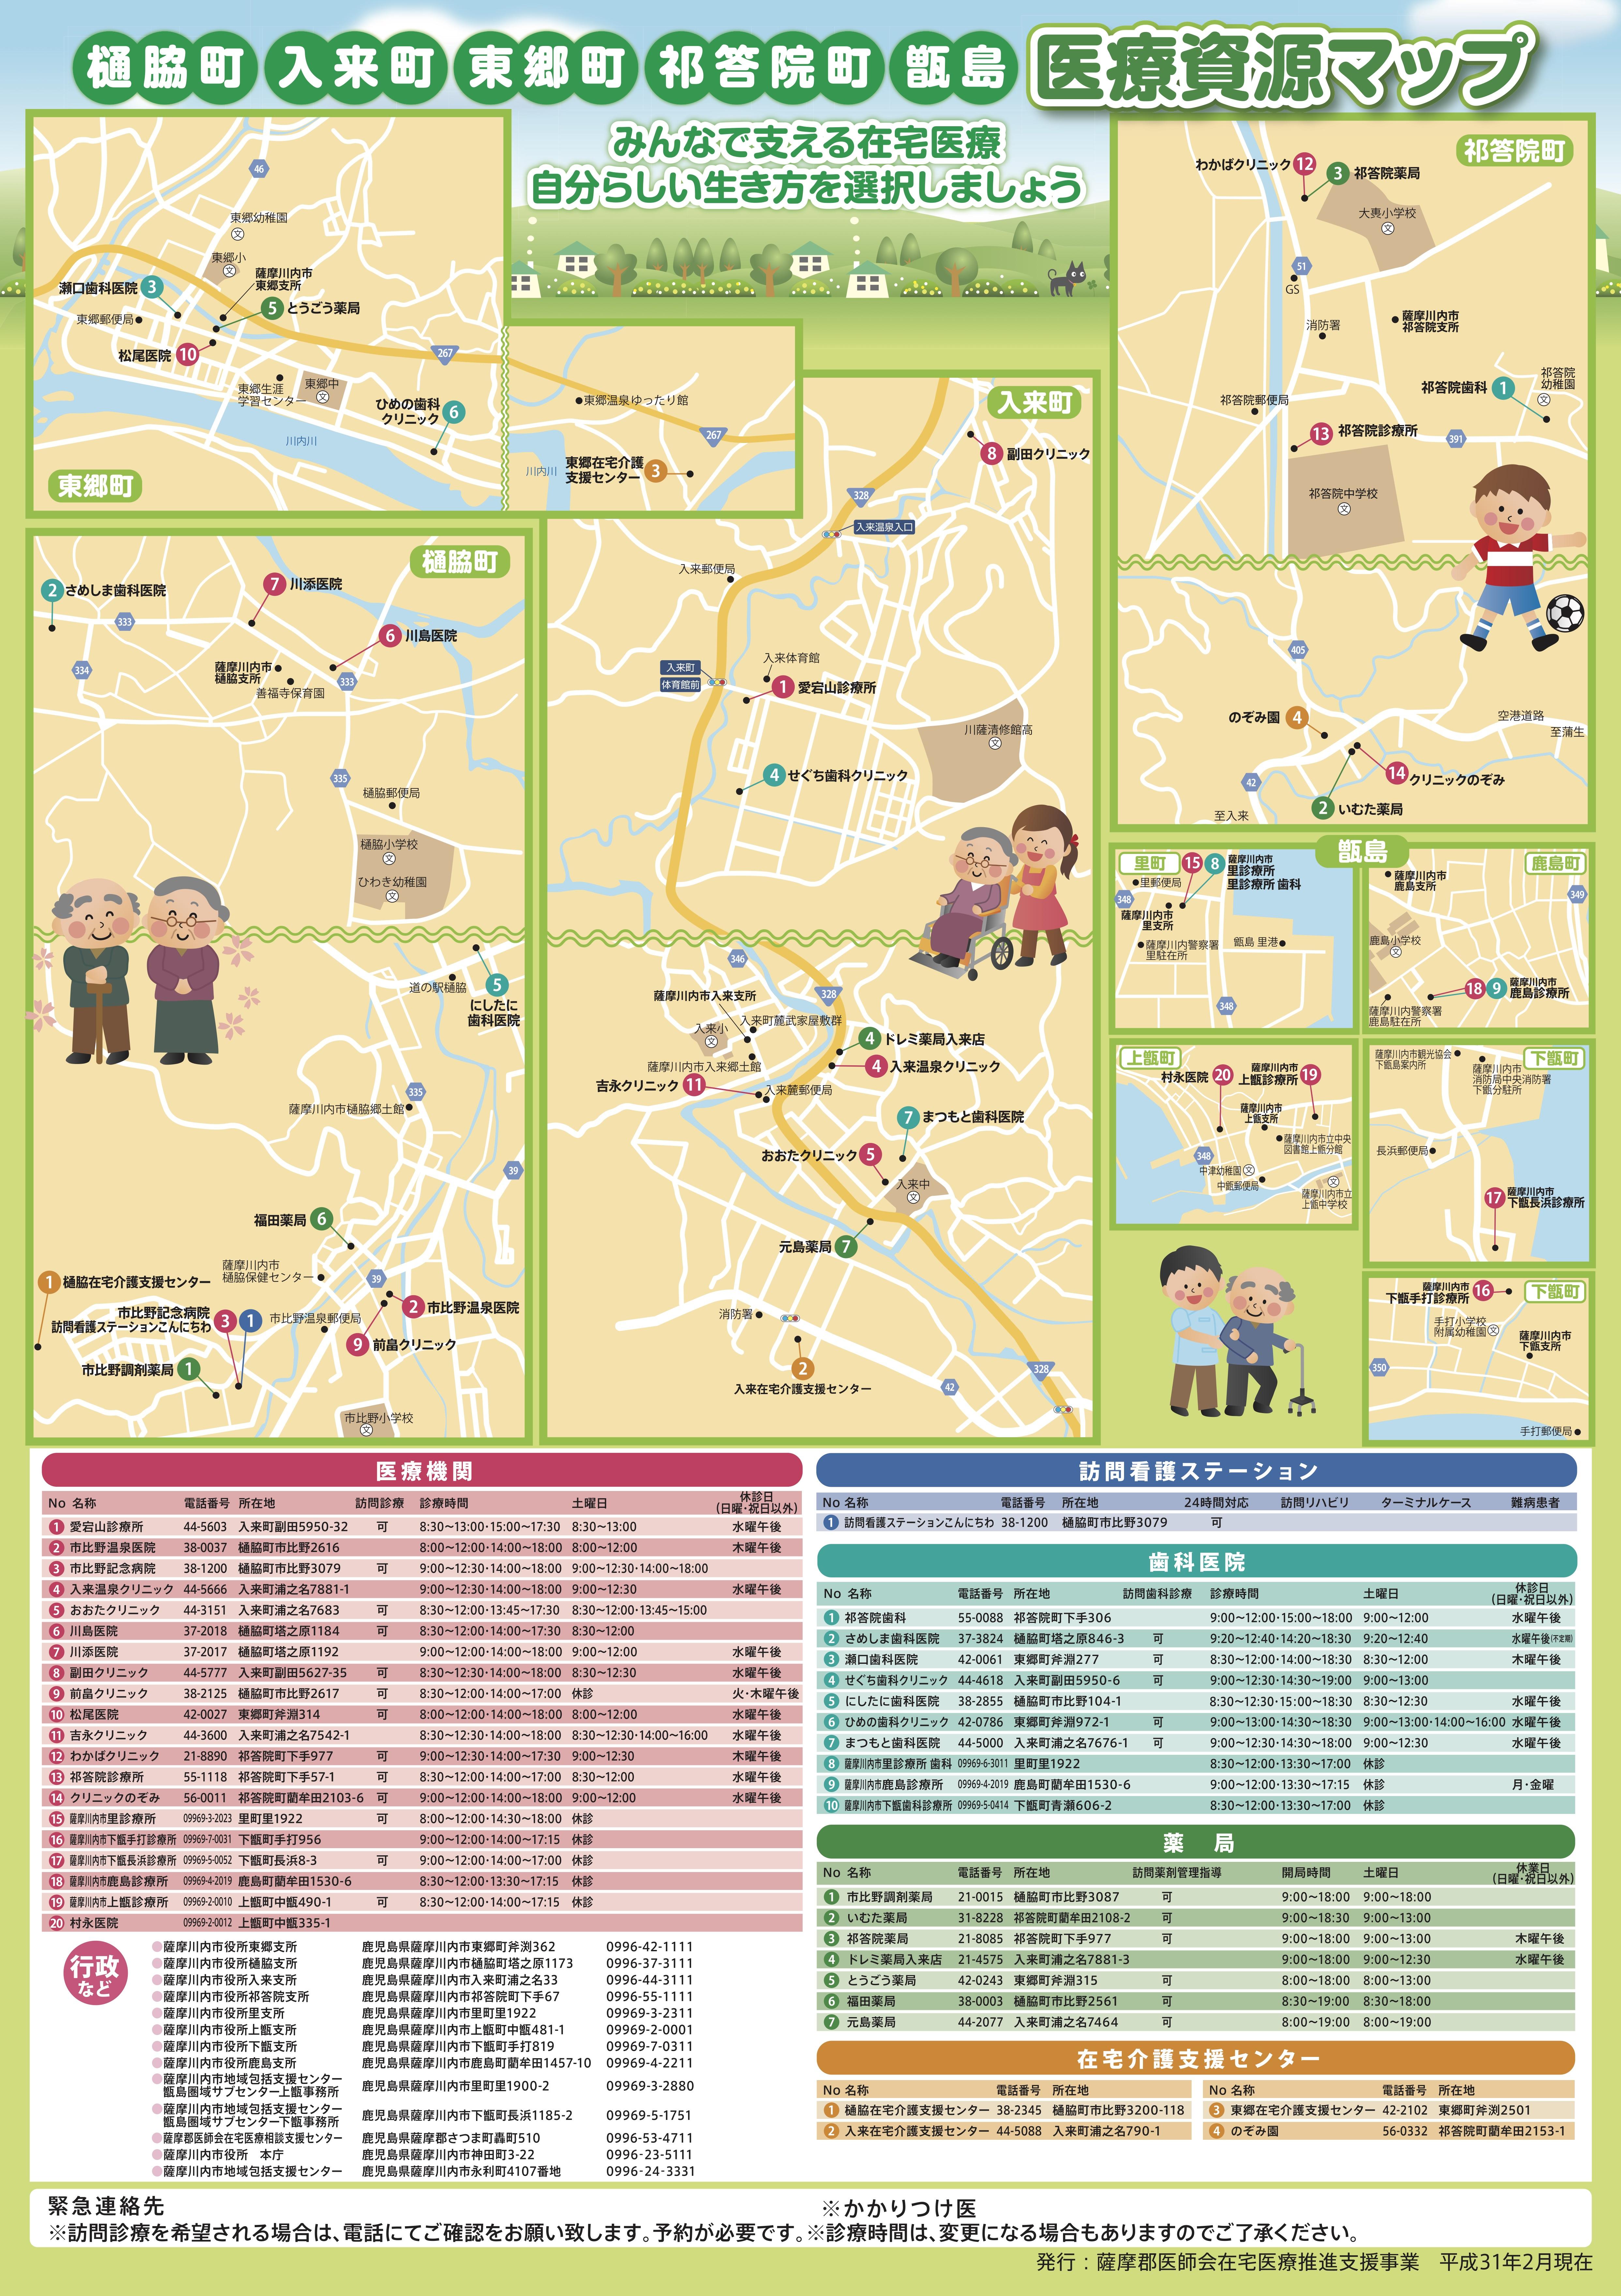 樋脇町・入来町・東郷町・祁答院町医療資源マップ